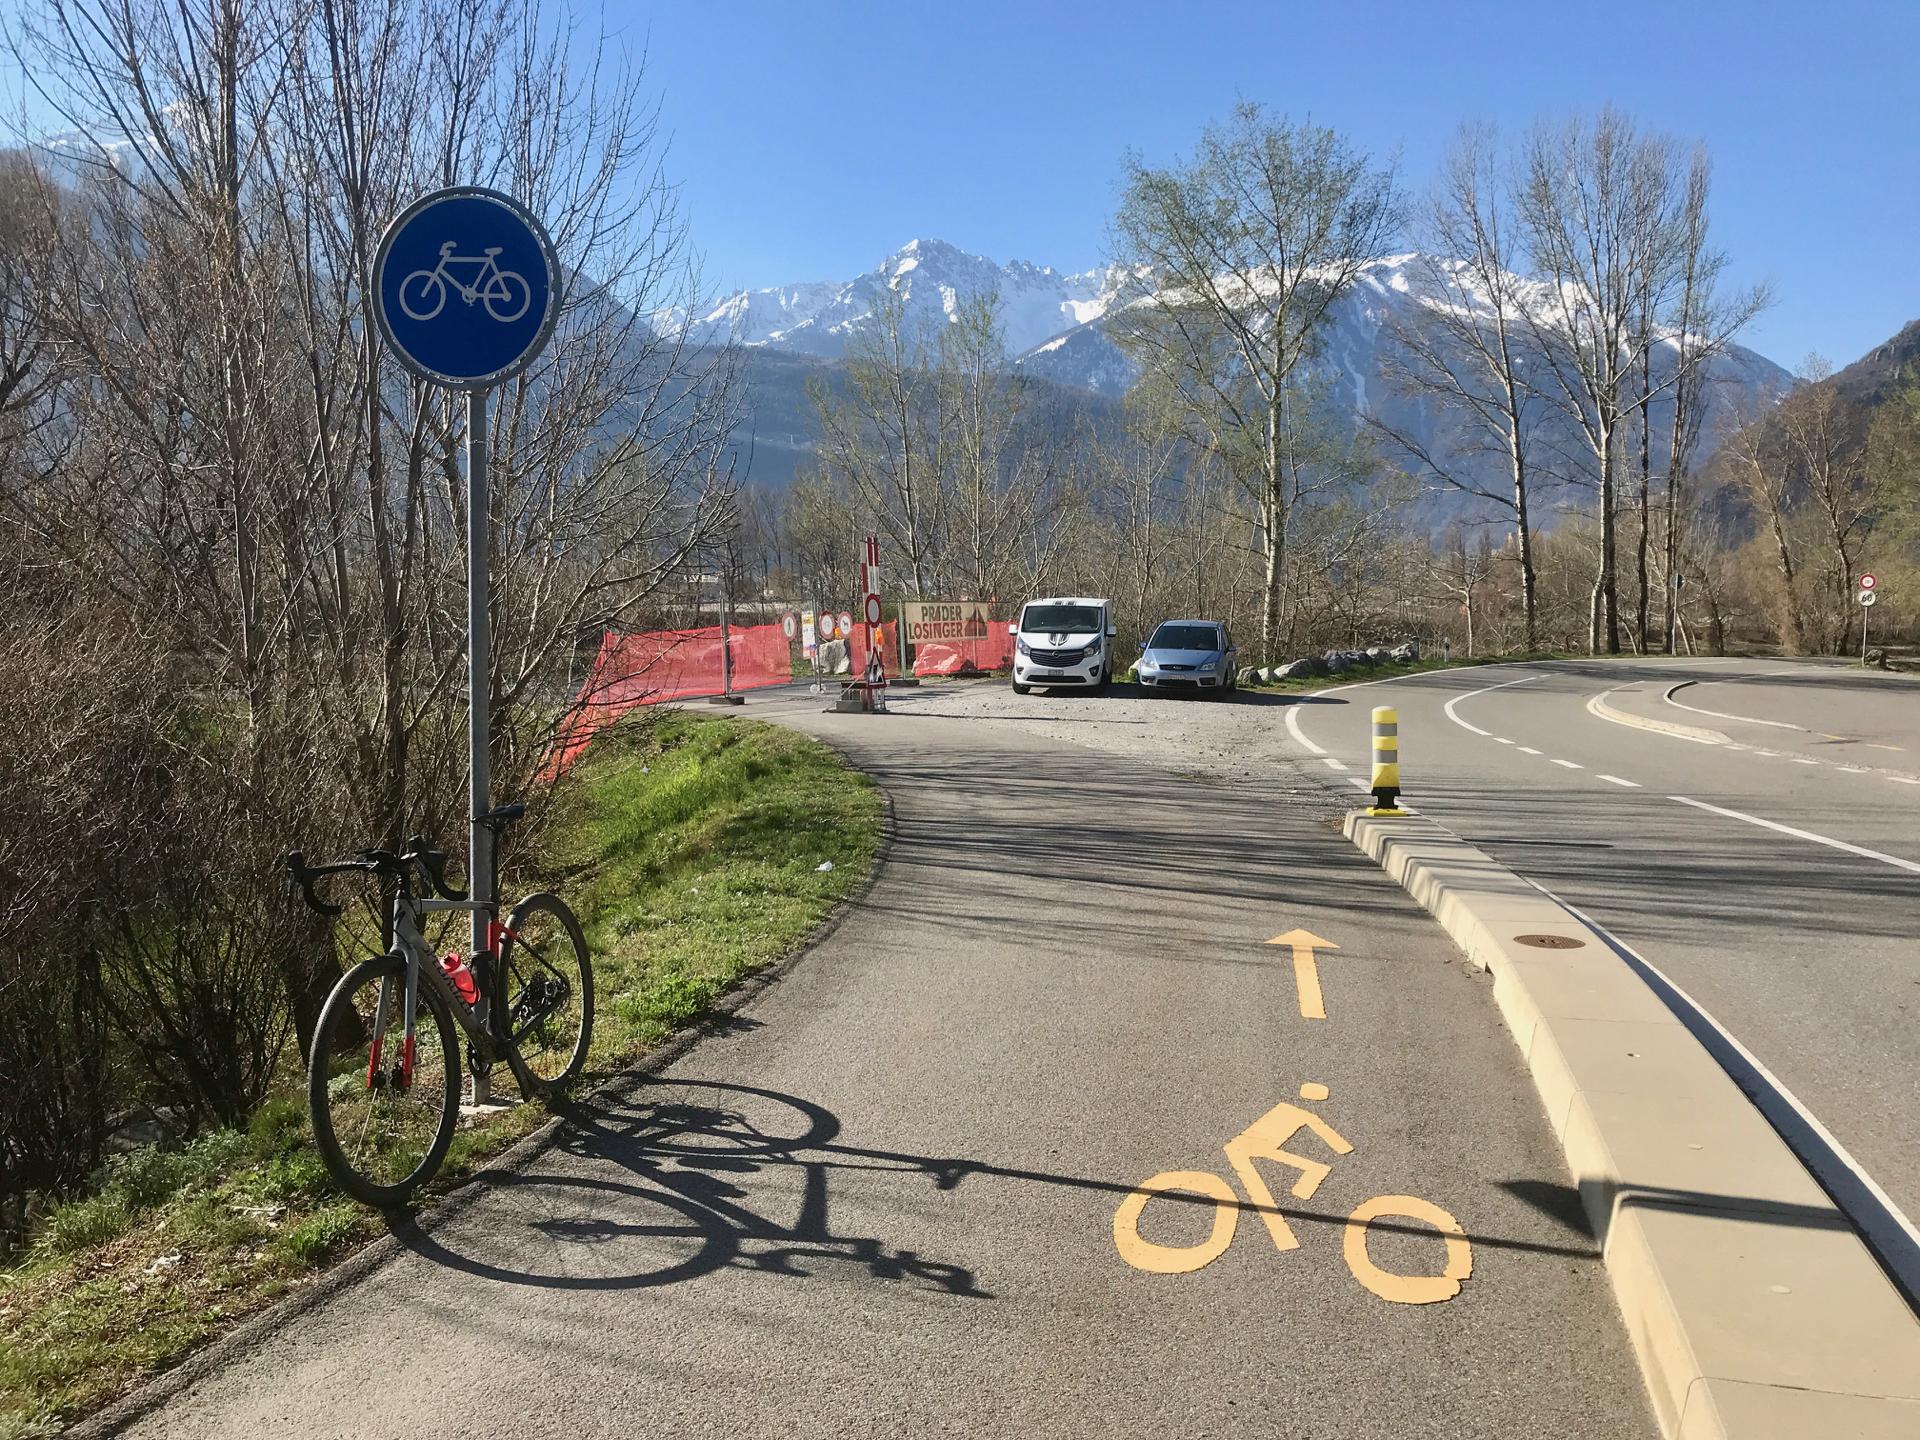 Il semblerait que nous soyons bien sur une piste cyclable, non? La imite est-elle toujours de 80 km/h pour les véhicules mortorisés autorisés à circuler ici?